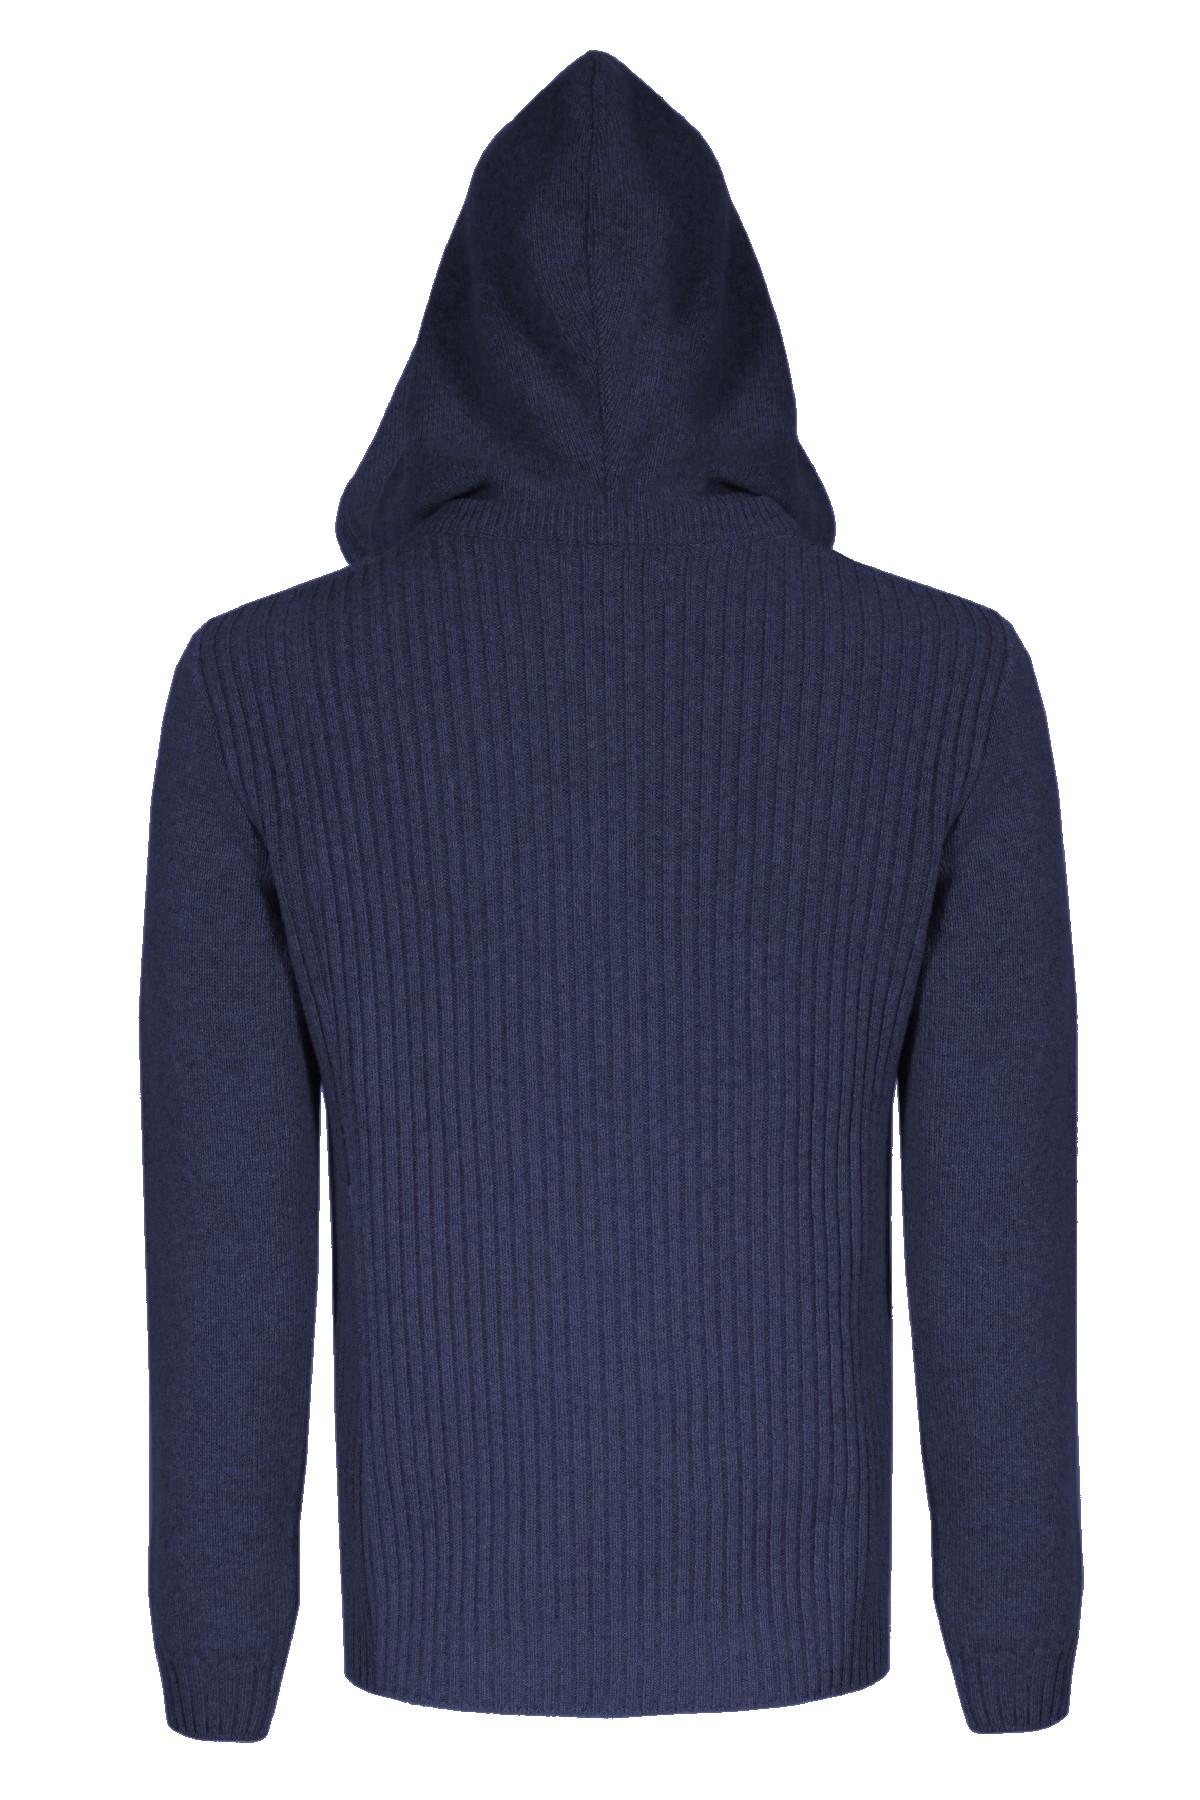 maglia damien in lana con cappuccio logo pmds PMDS | 7 | 665MGA06